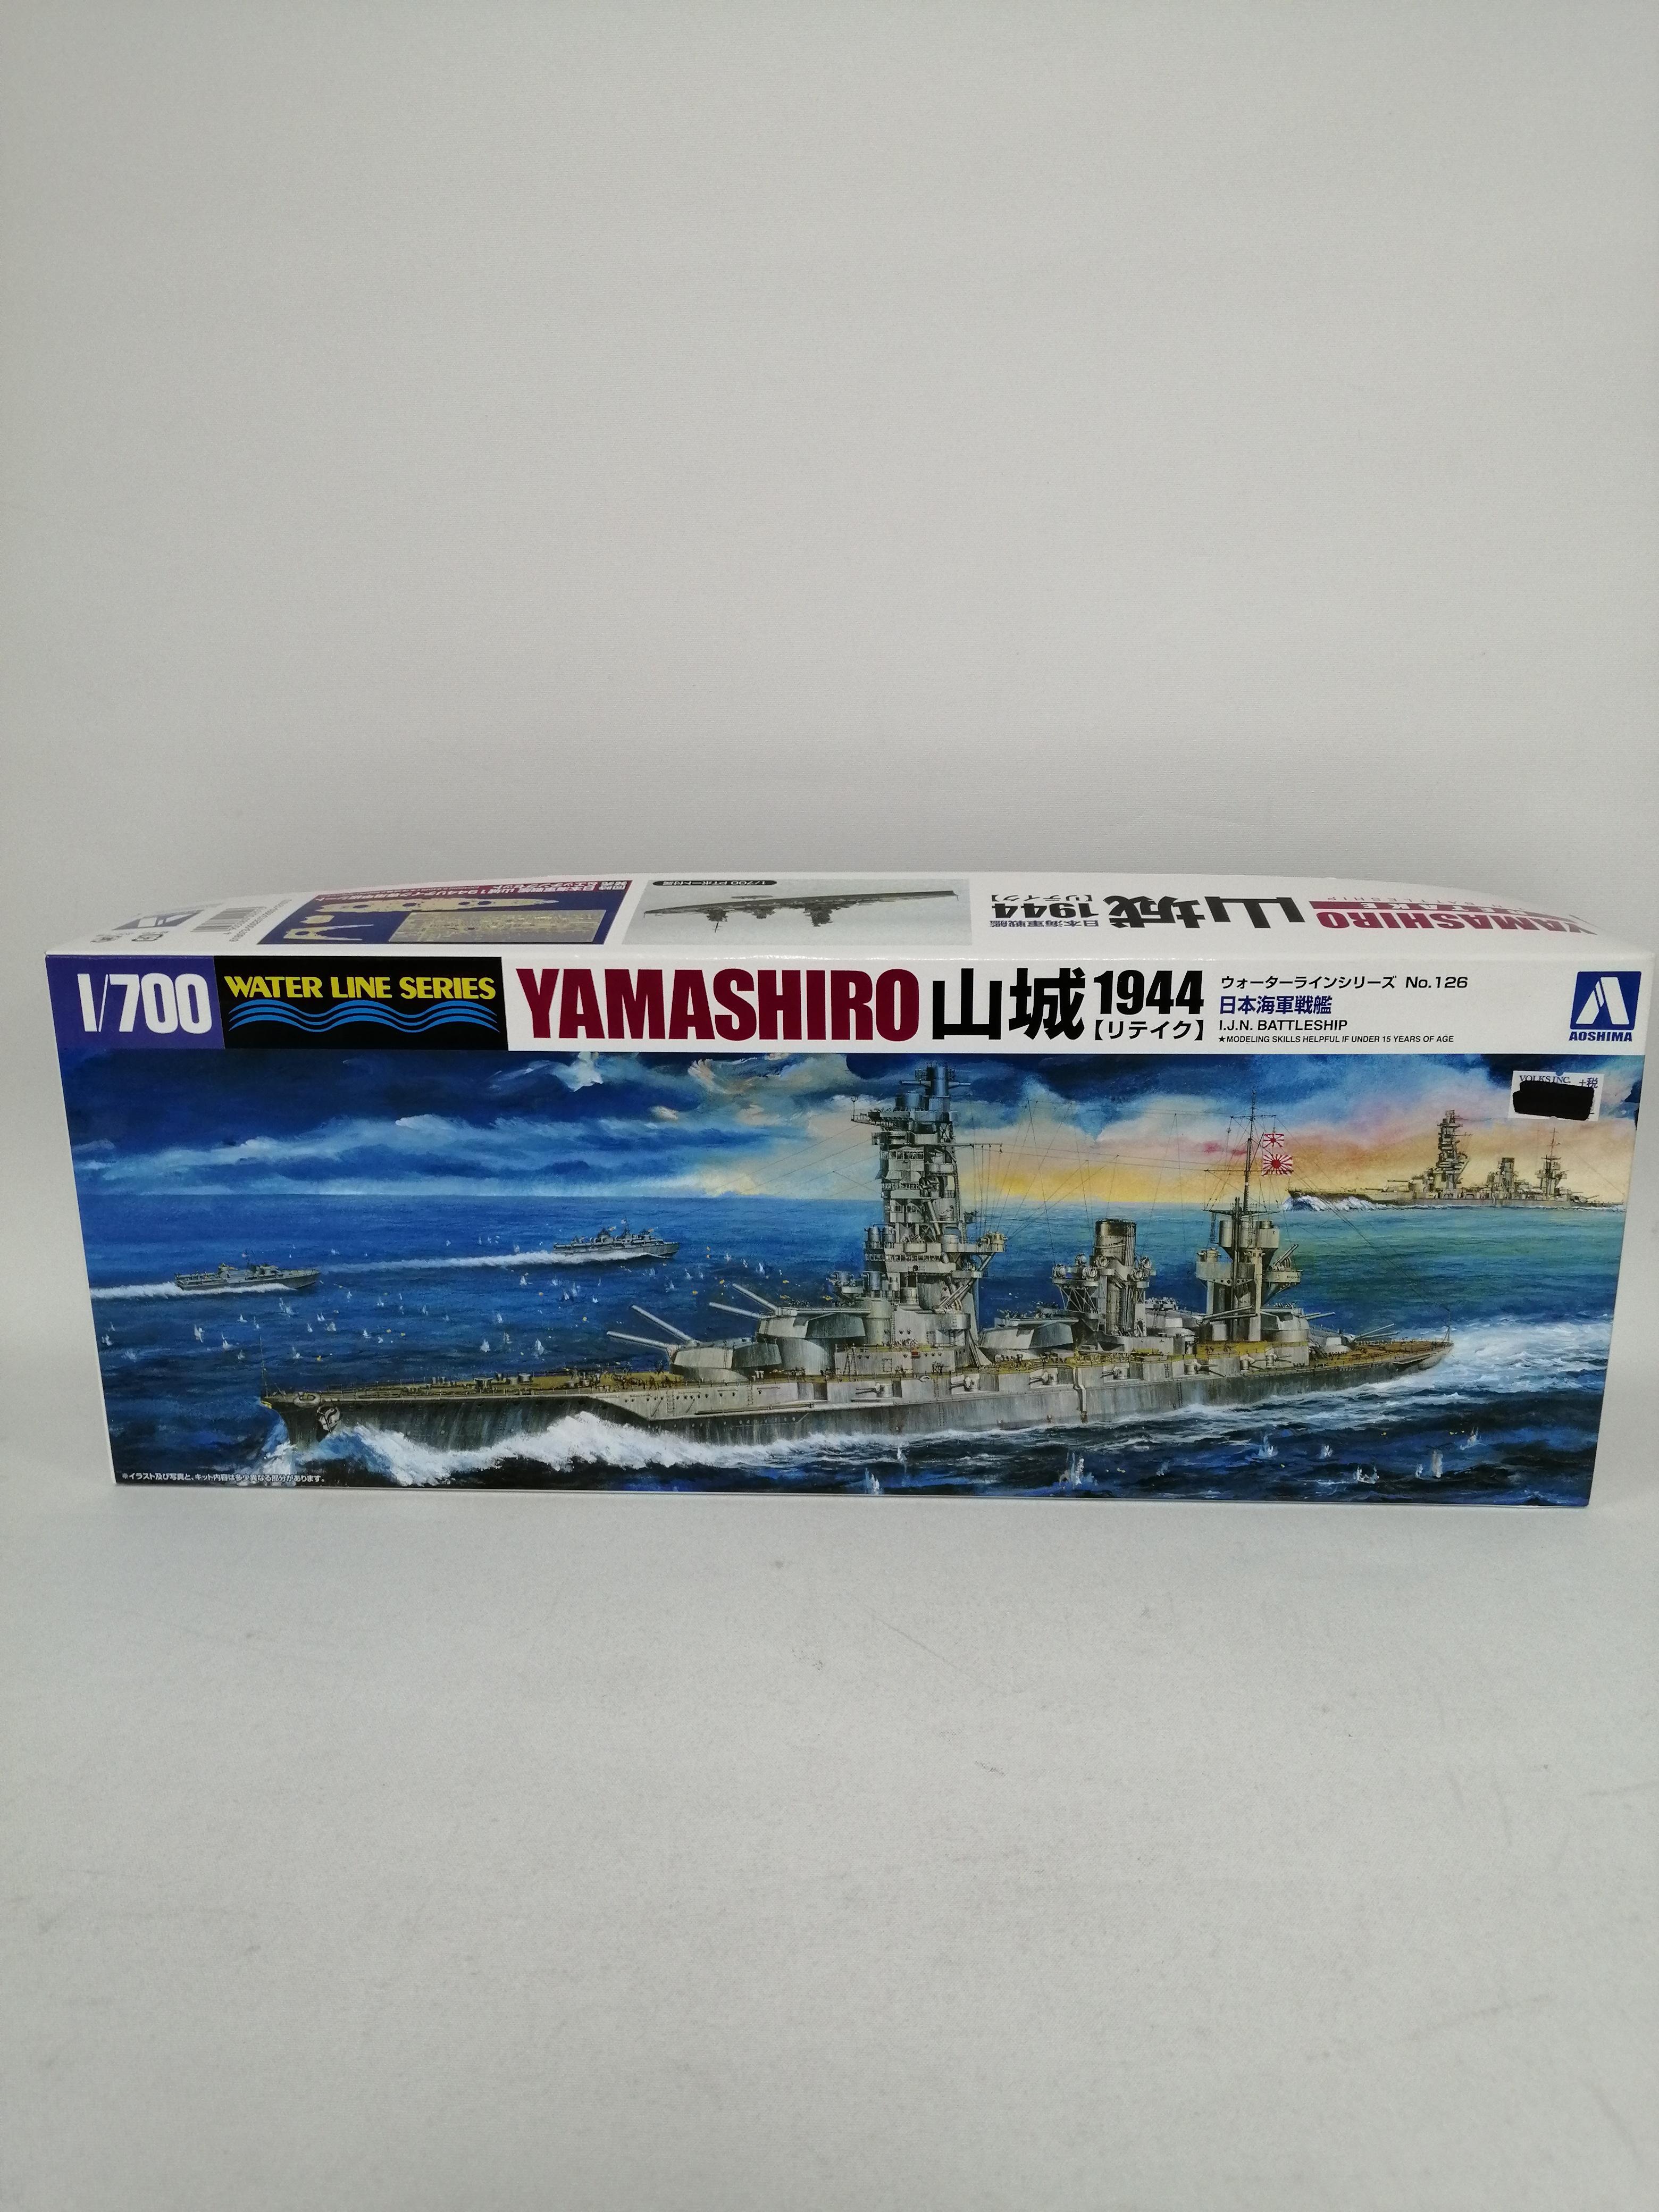 1/700 日本海軍戦艦 山城 1944 リテイク|青島文化教材社